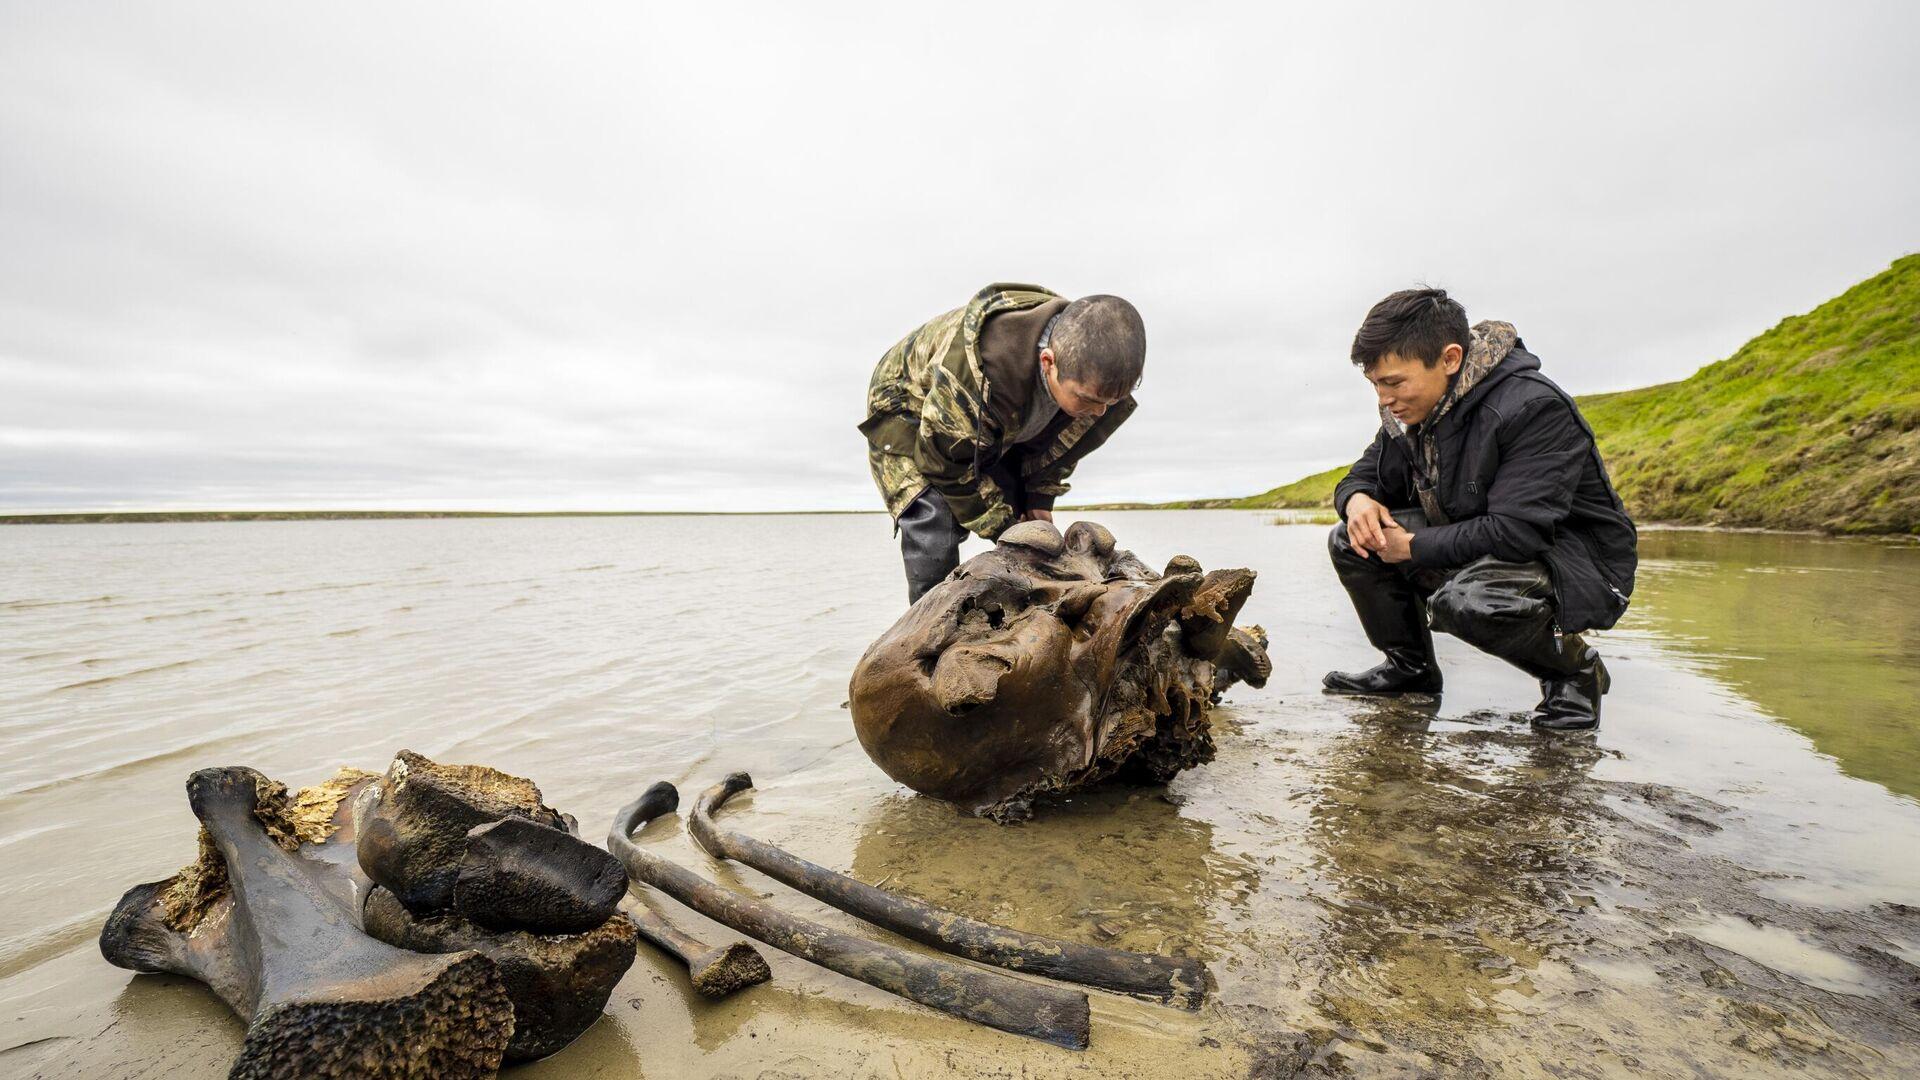 Фрагменты костей взрослого мамонта времен палеолита, обнаруженные в ходе археологических раскопок на территории Ямало-Ненецкого округа - РИА Новости, 1920, 23.08.2021